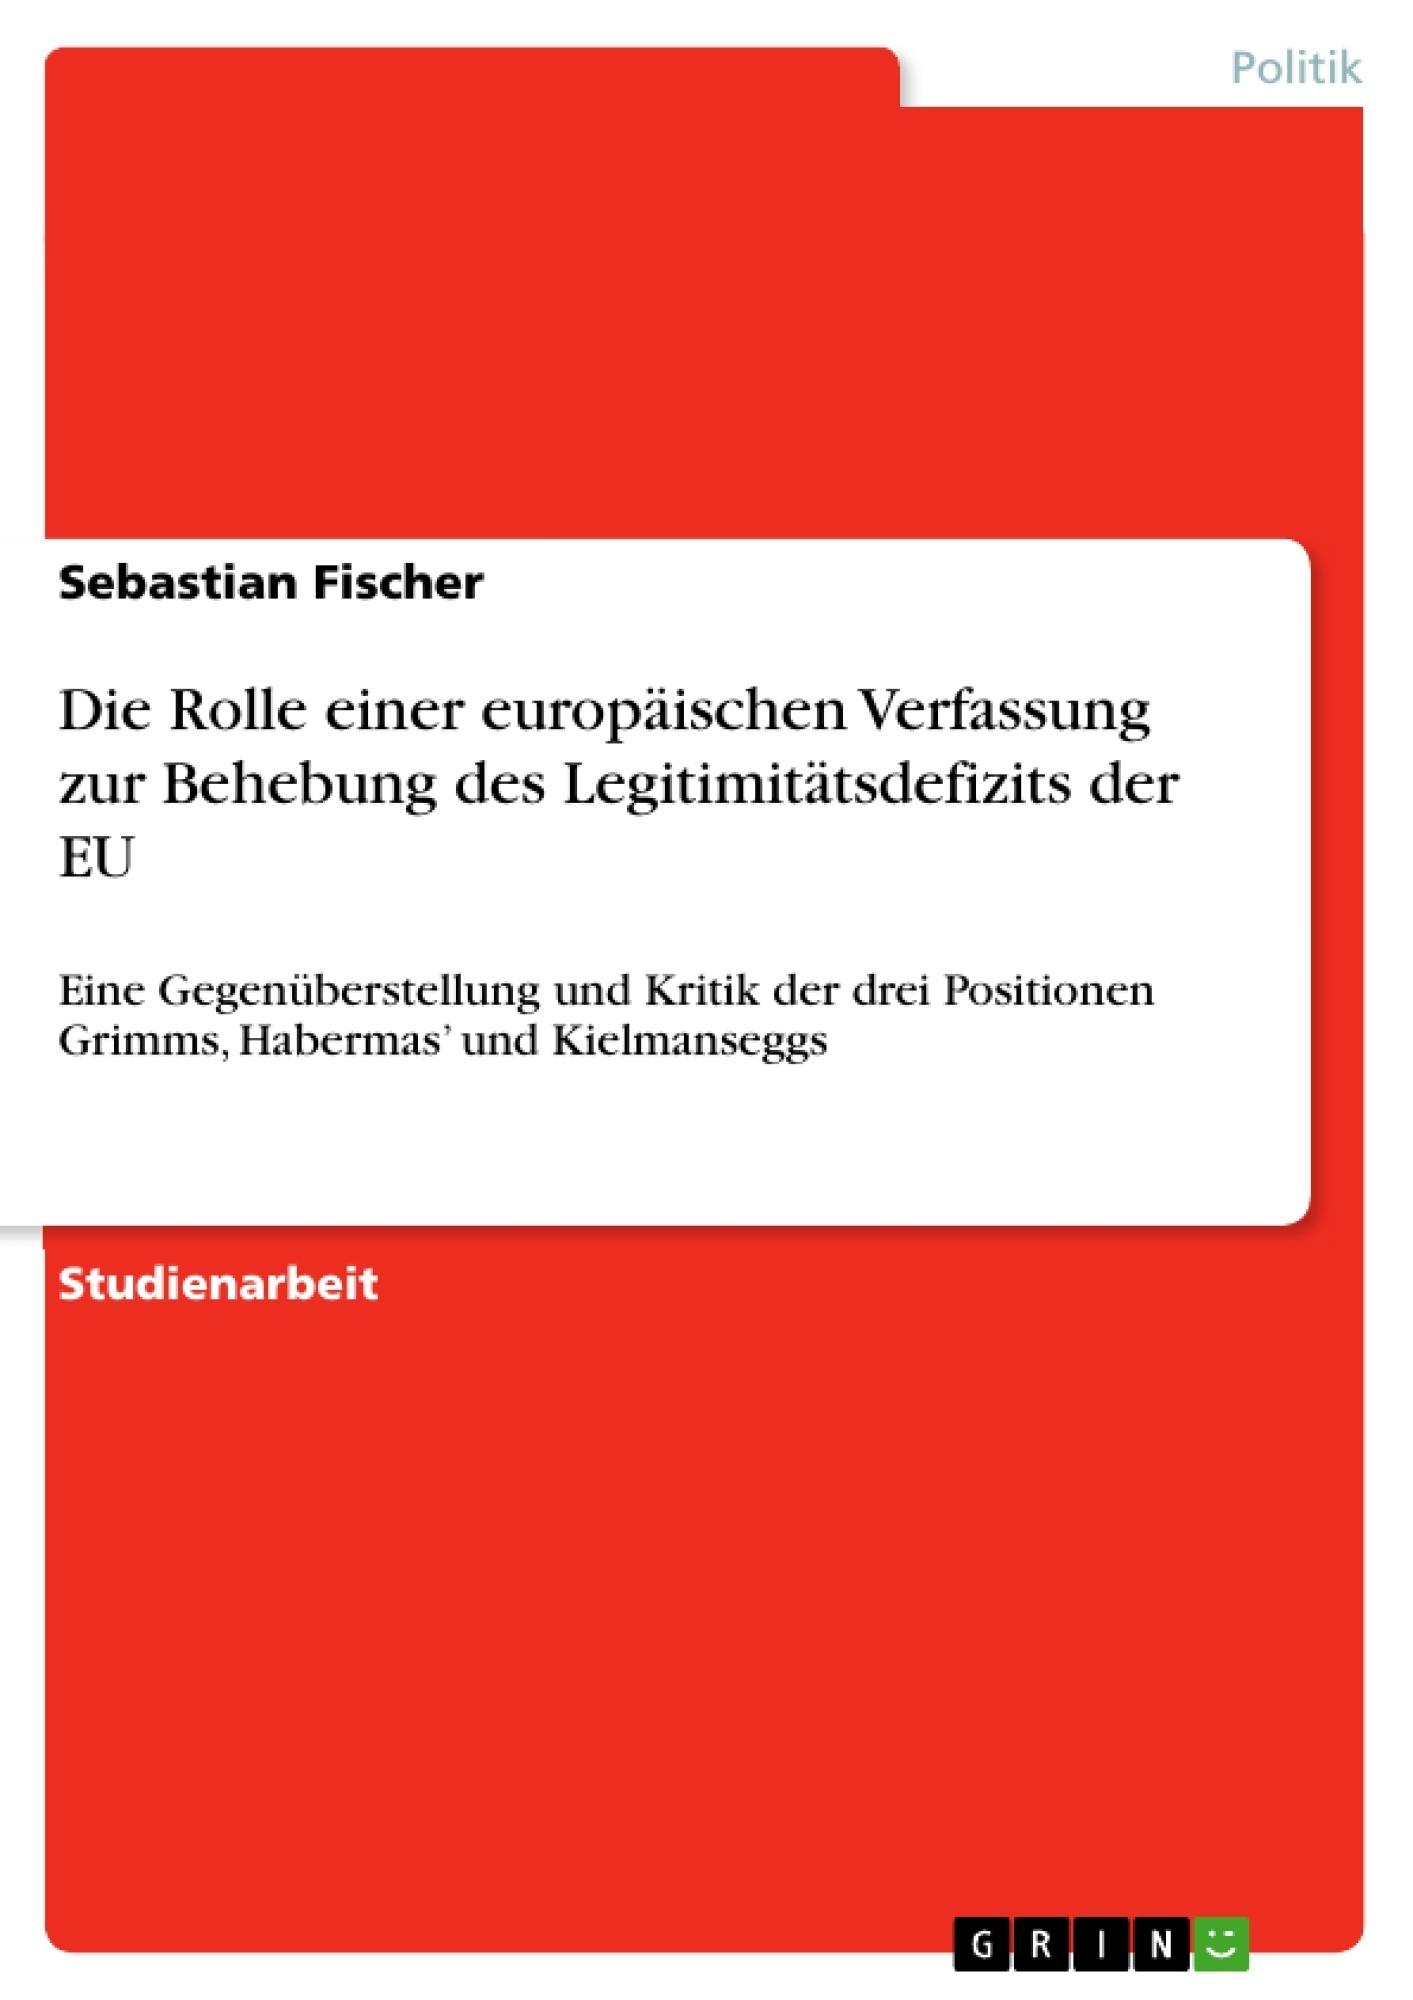 Titel: Die Rolle einer europäischen Verfassung zur Behebung des Legitimitätsdefizits der EU